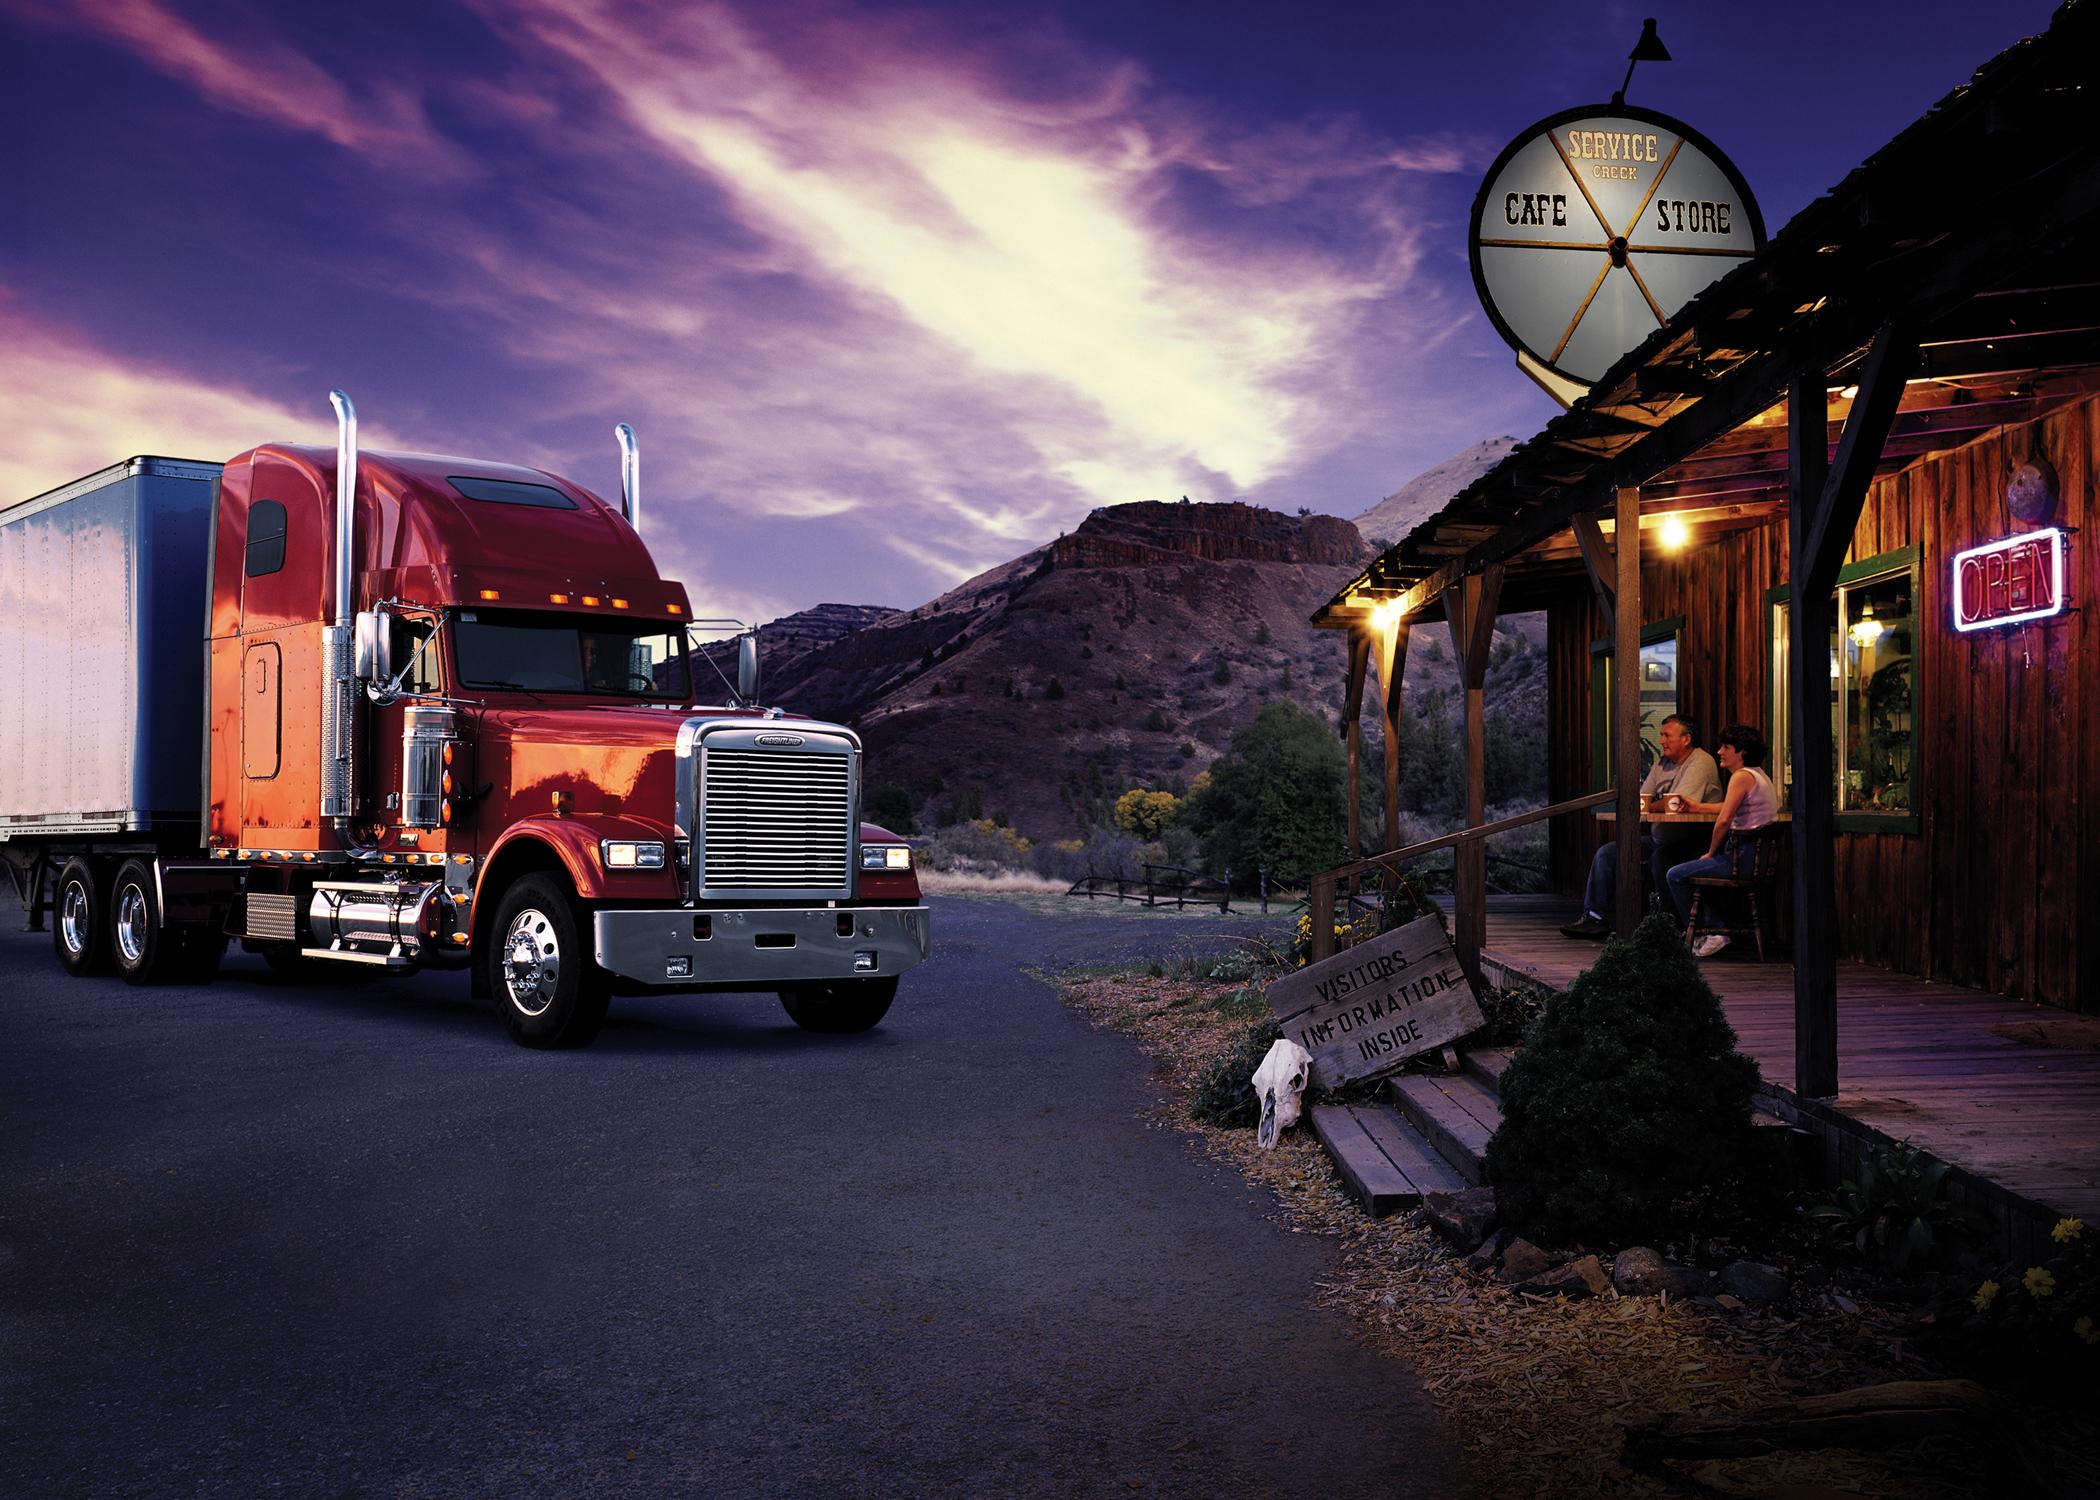 Hd Tractor Desktop Wallpapers: Semi Trucks Wallpapers For Desktop